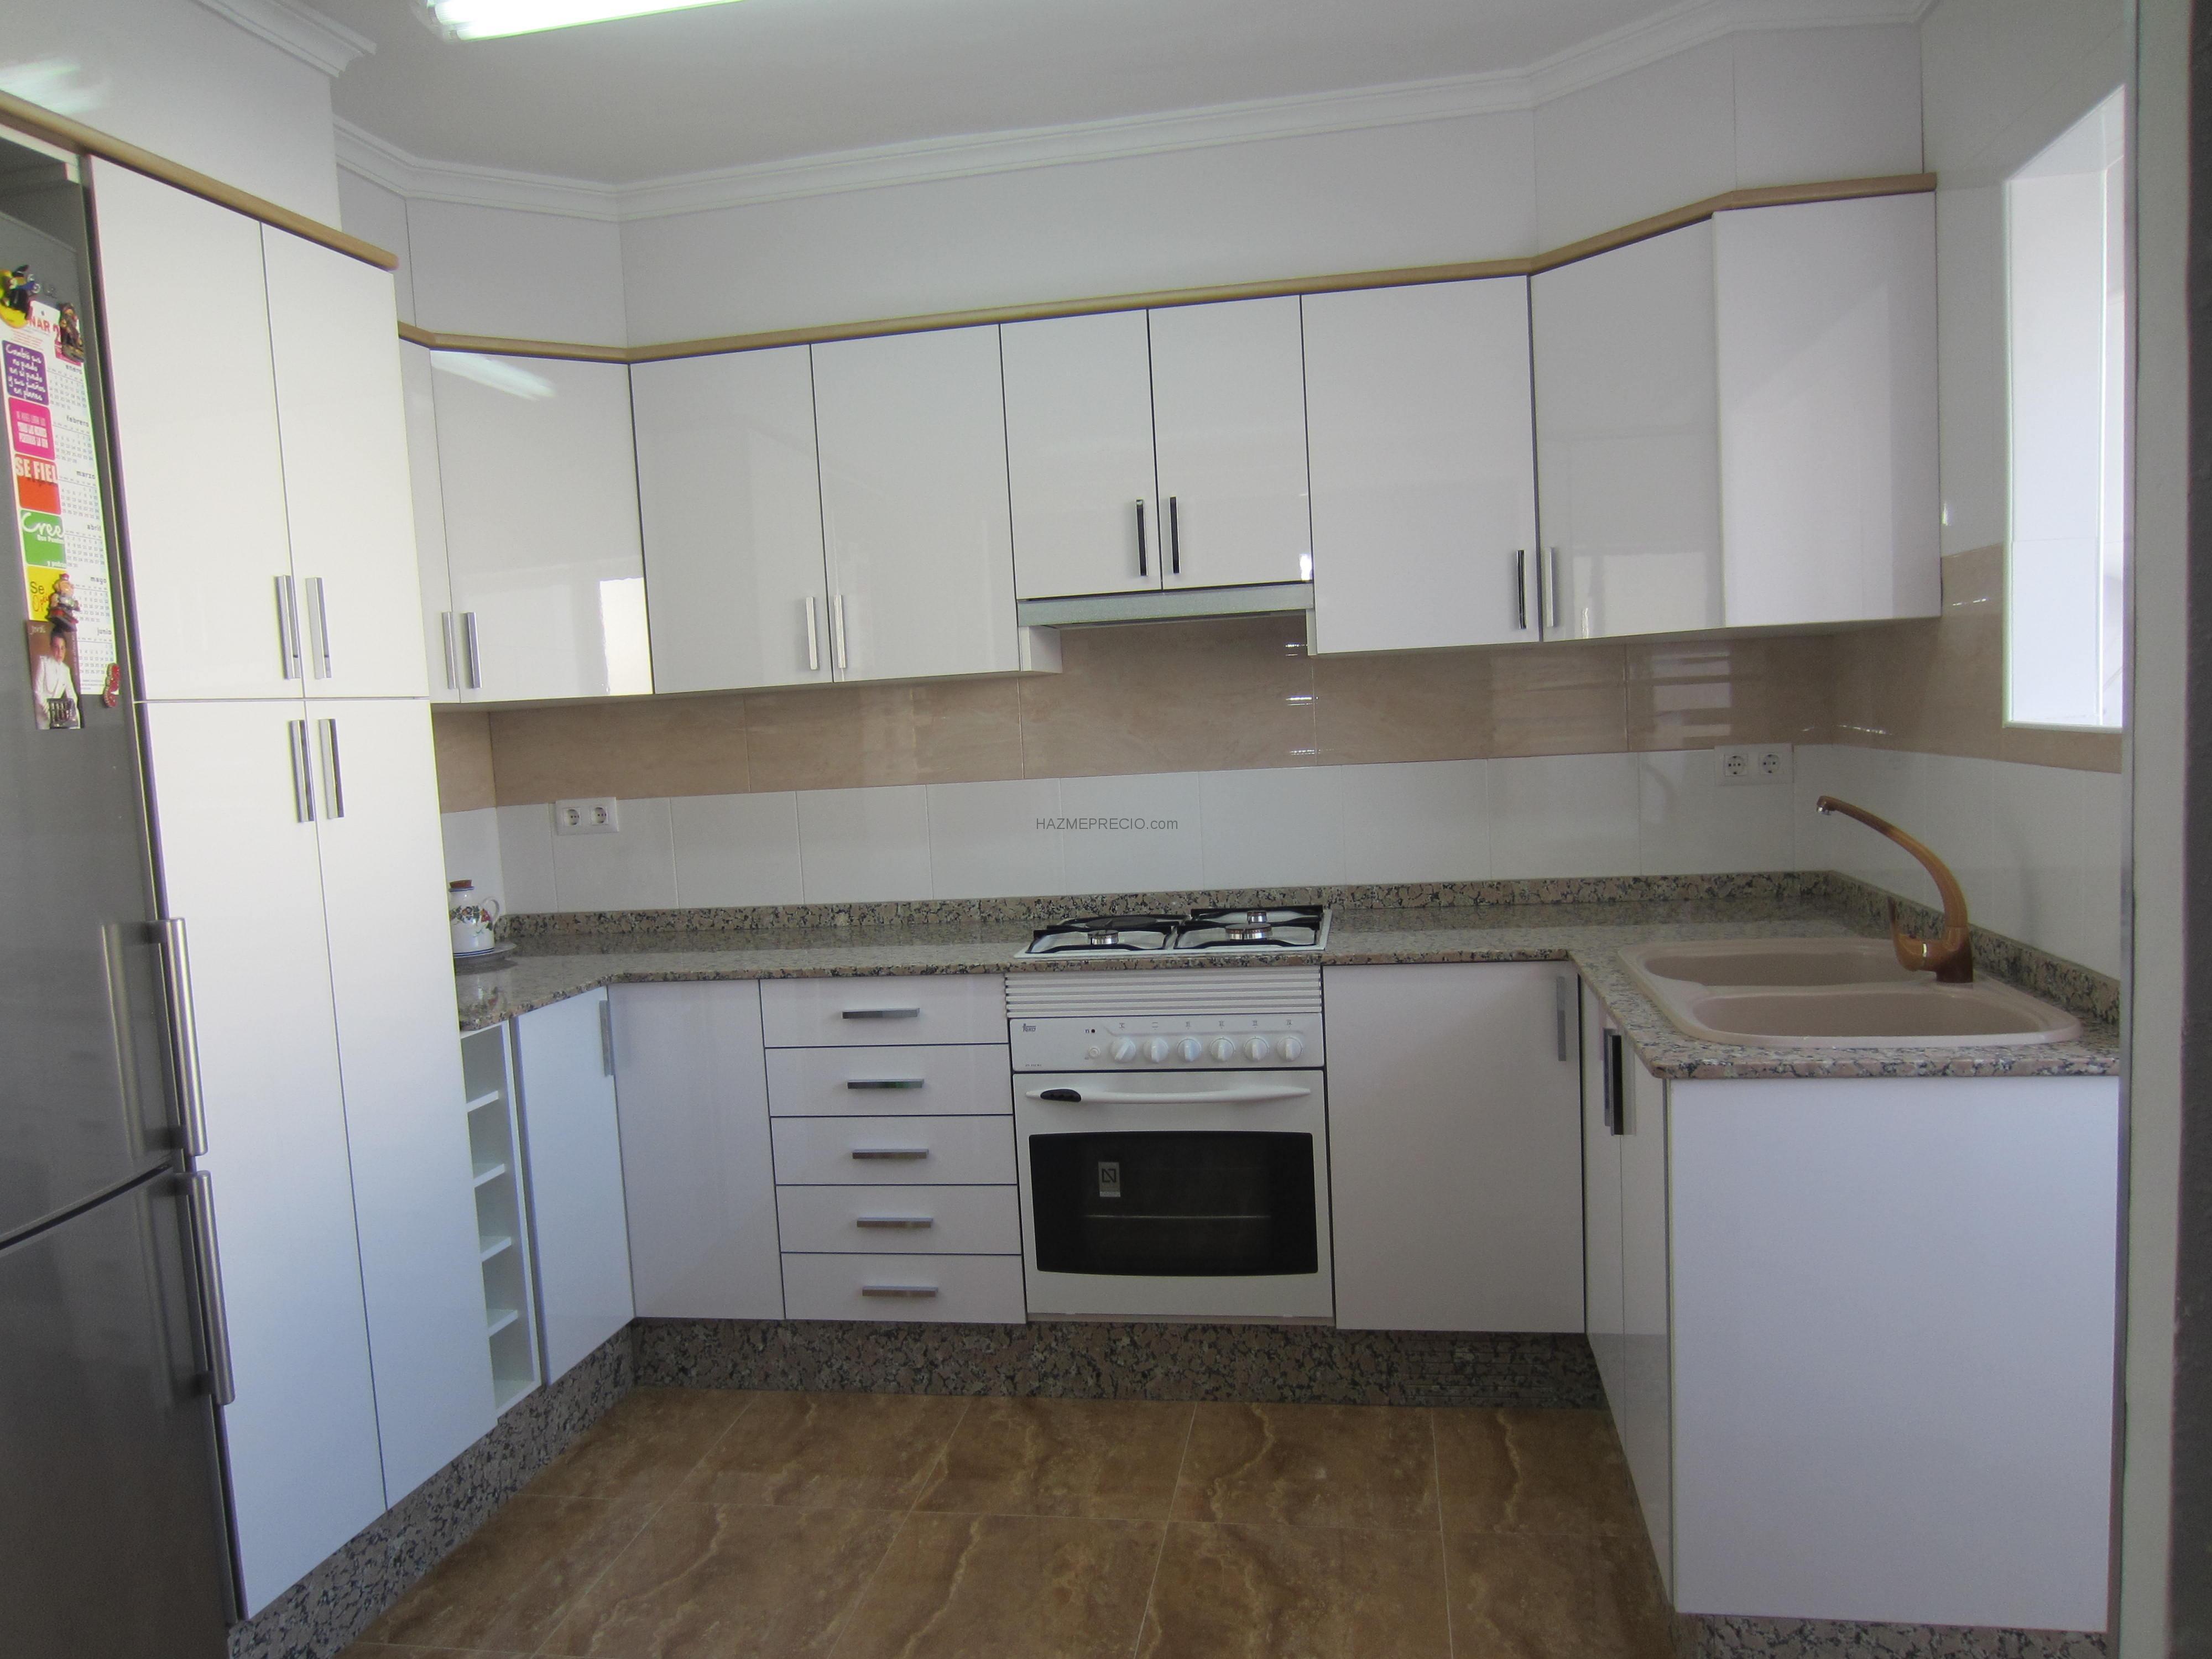 Reformas cocinas valencia - Cambiar puertas muebles cocina ...